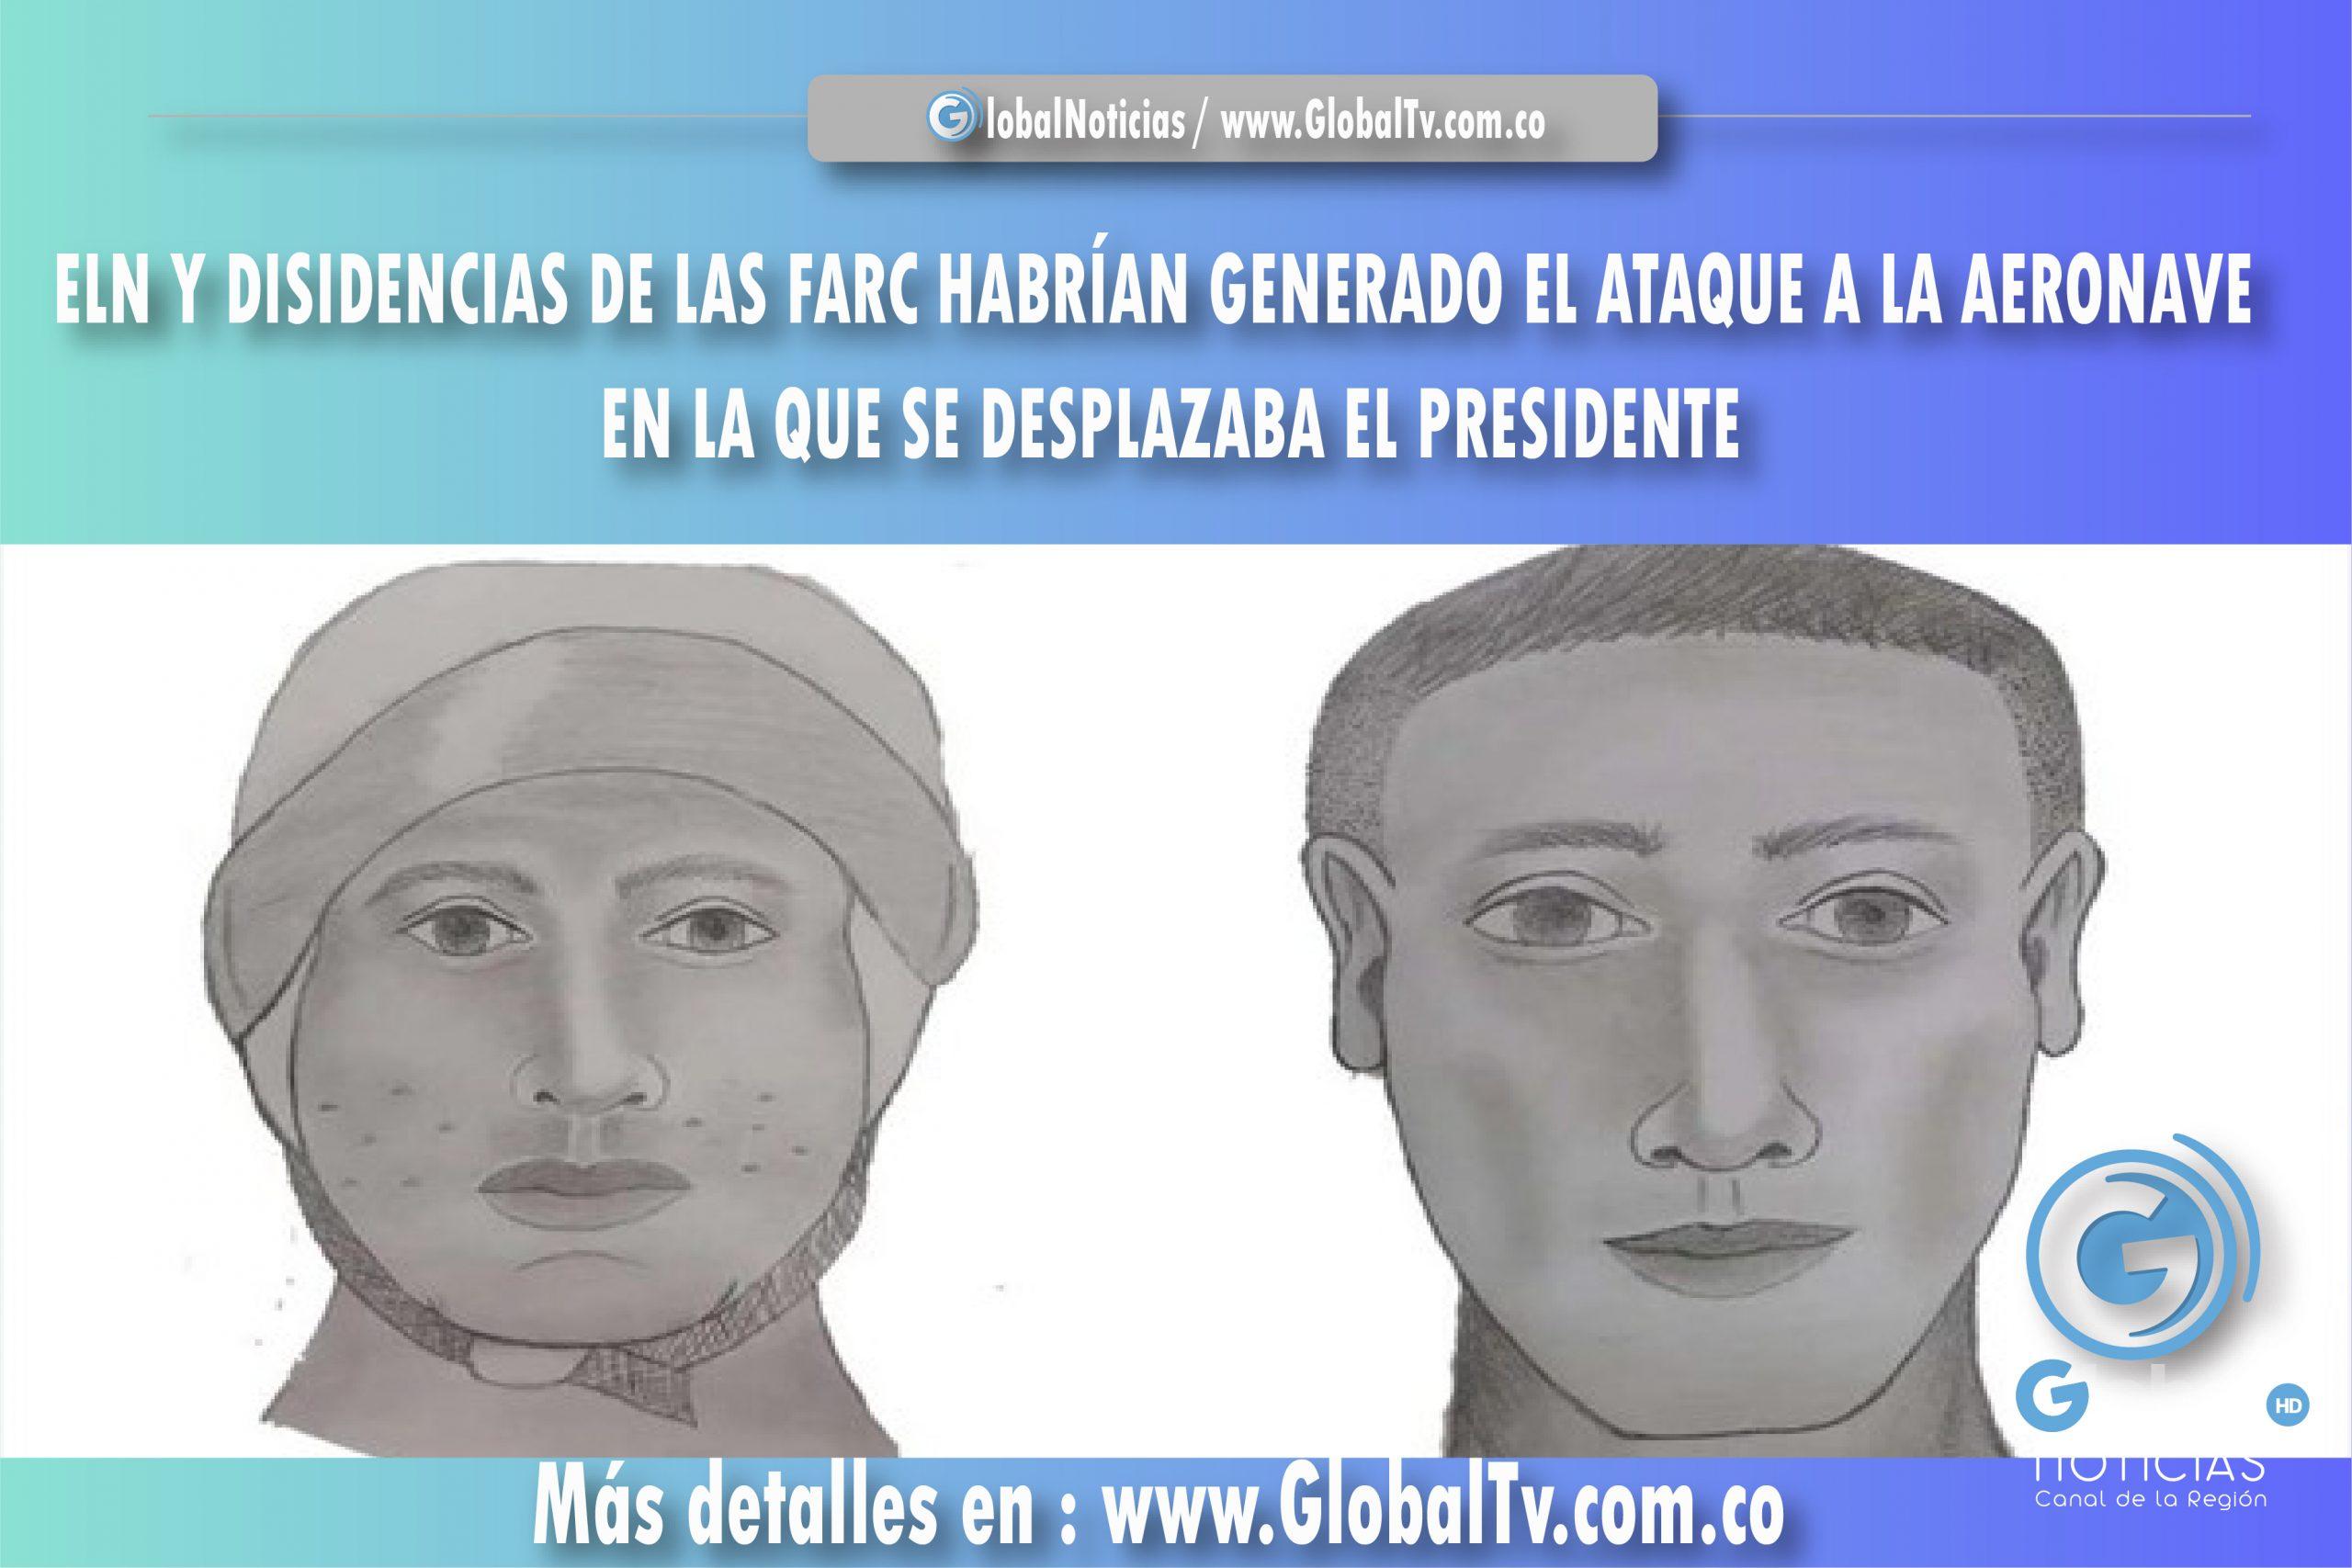 ELN Y DISIDENCIAS DE LAS FARC HABRÍAN GENERADO EL ATAQUE A LA AERONAVE EN LA QUE SE DESPLAZABA EL PRESIDENTE